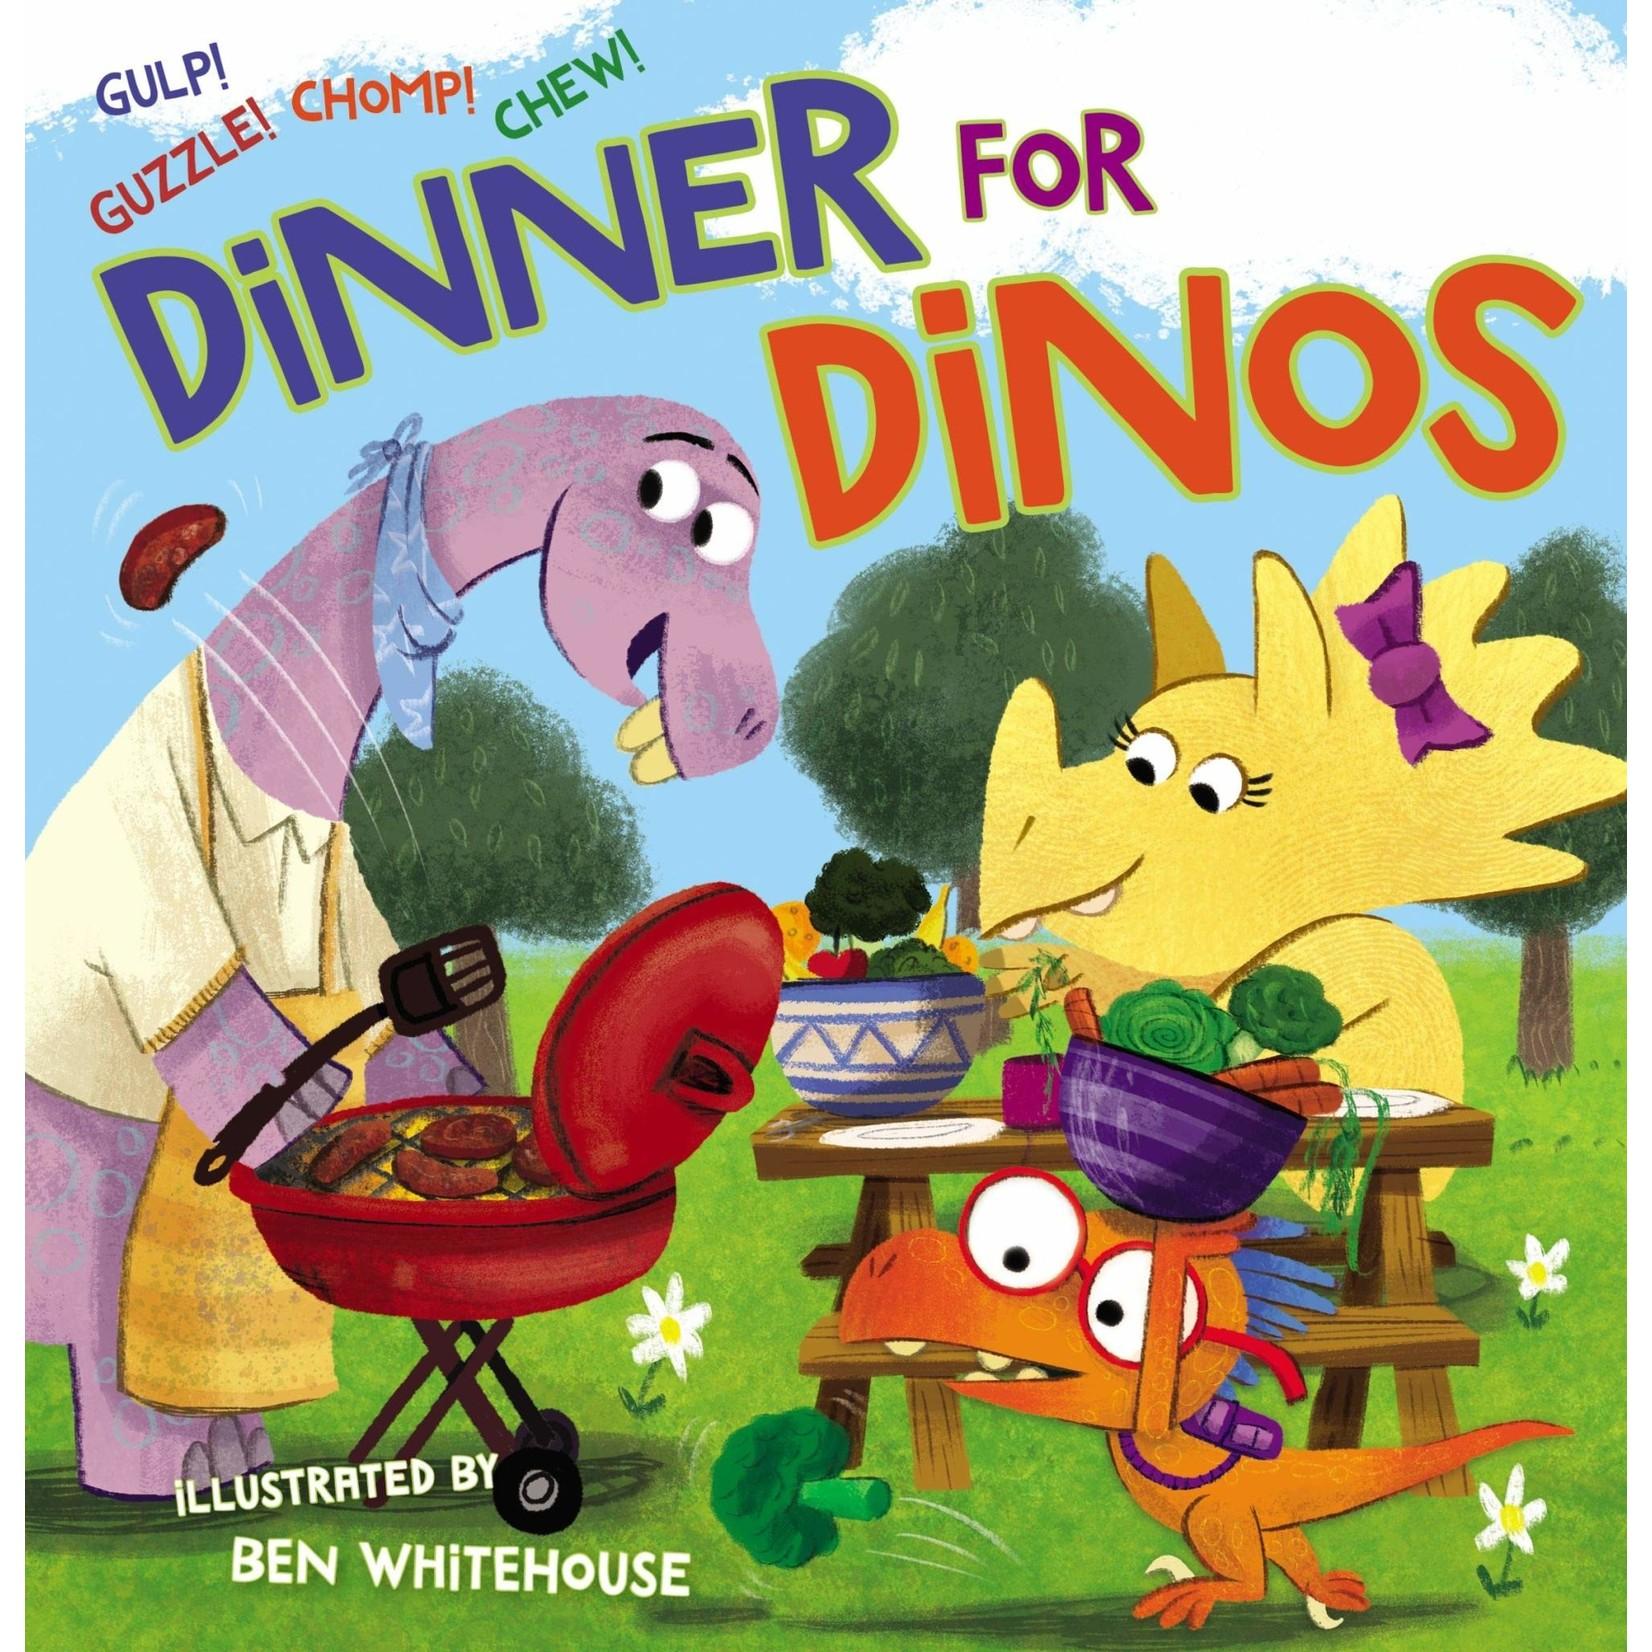 Dinner for Dinos